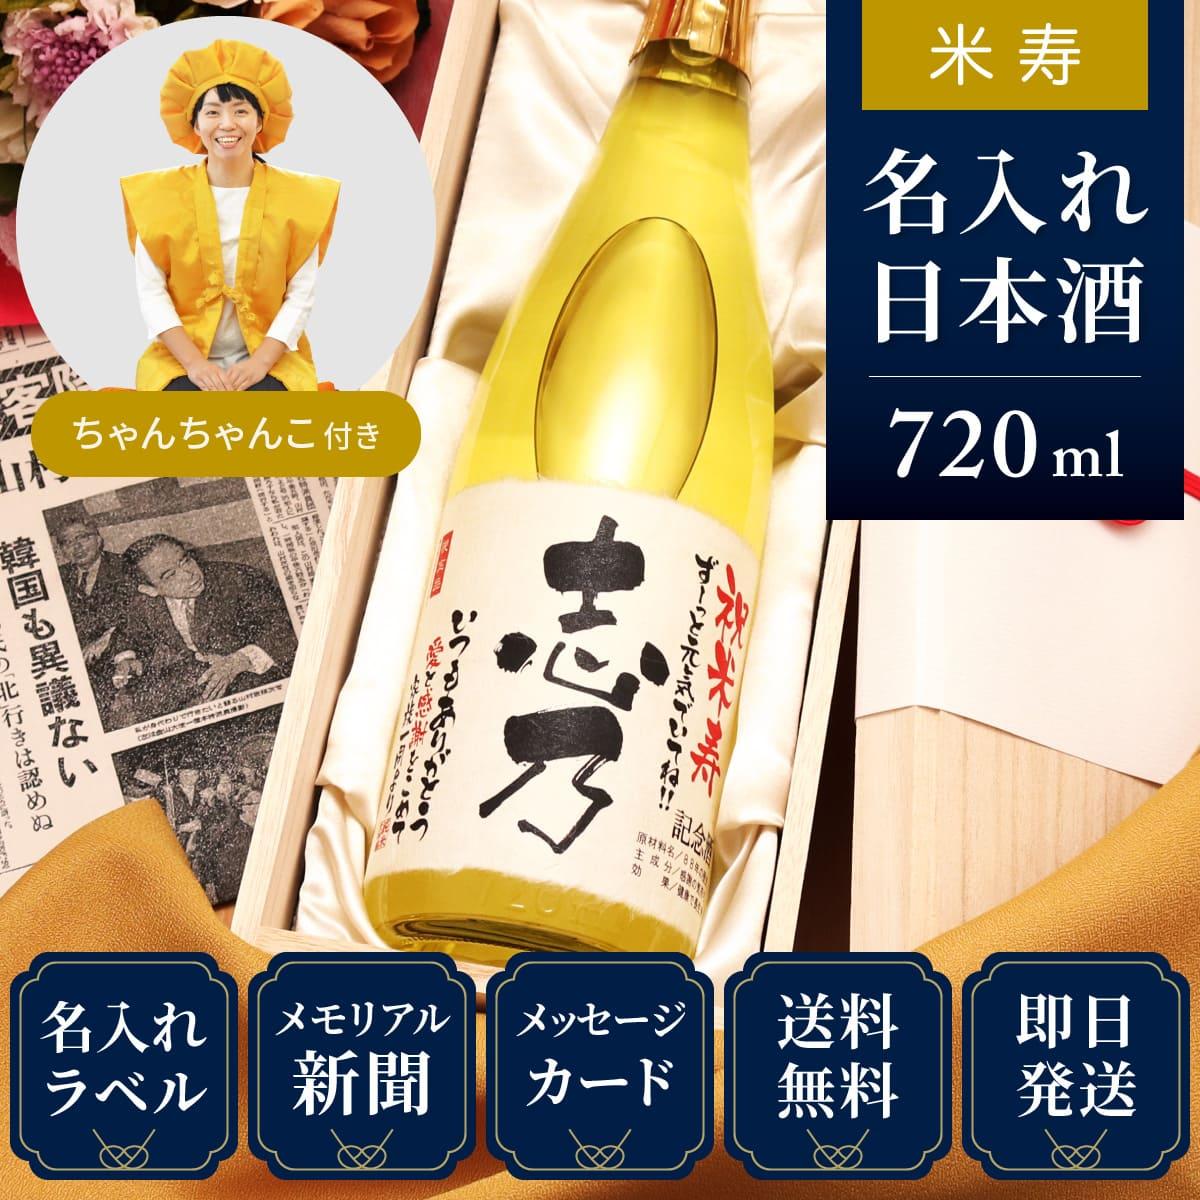 【米寿祝いセット】記念日新聞付き名入れ日本酒720ml+黄ちゃんちゃんこセット≪巴月≫【純米大吟醸】